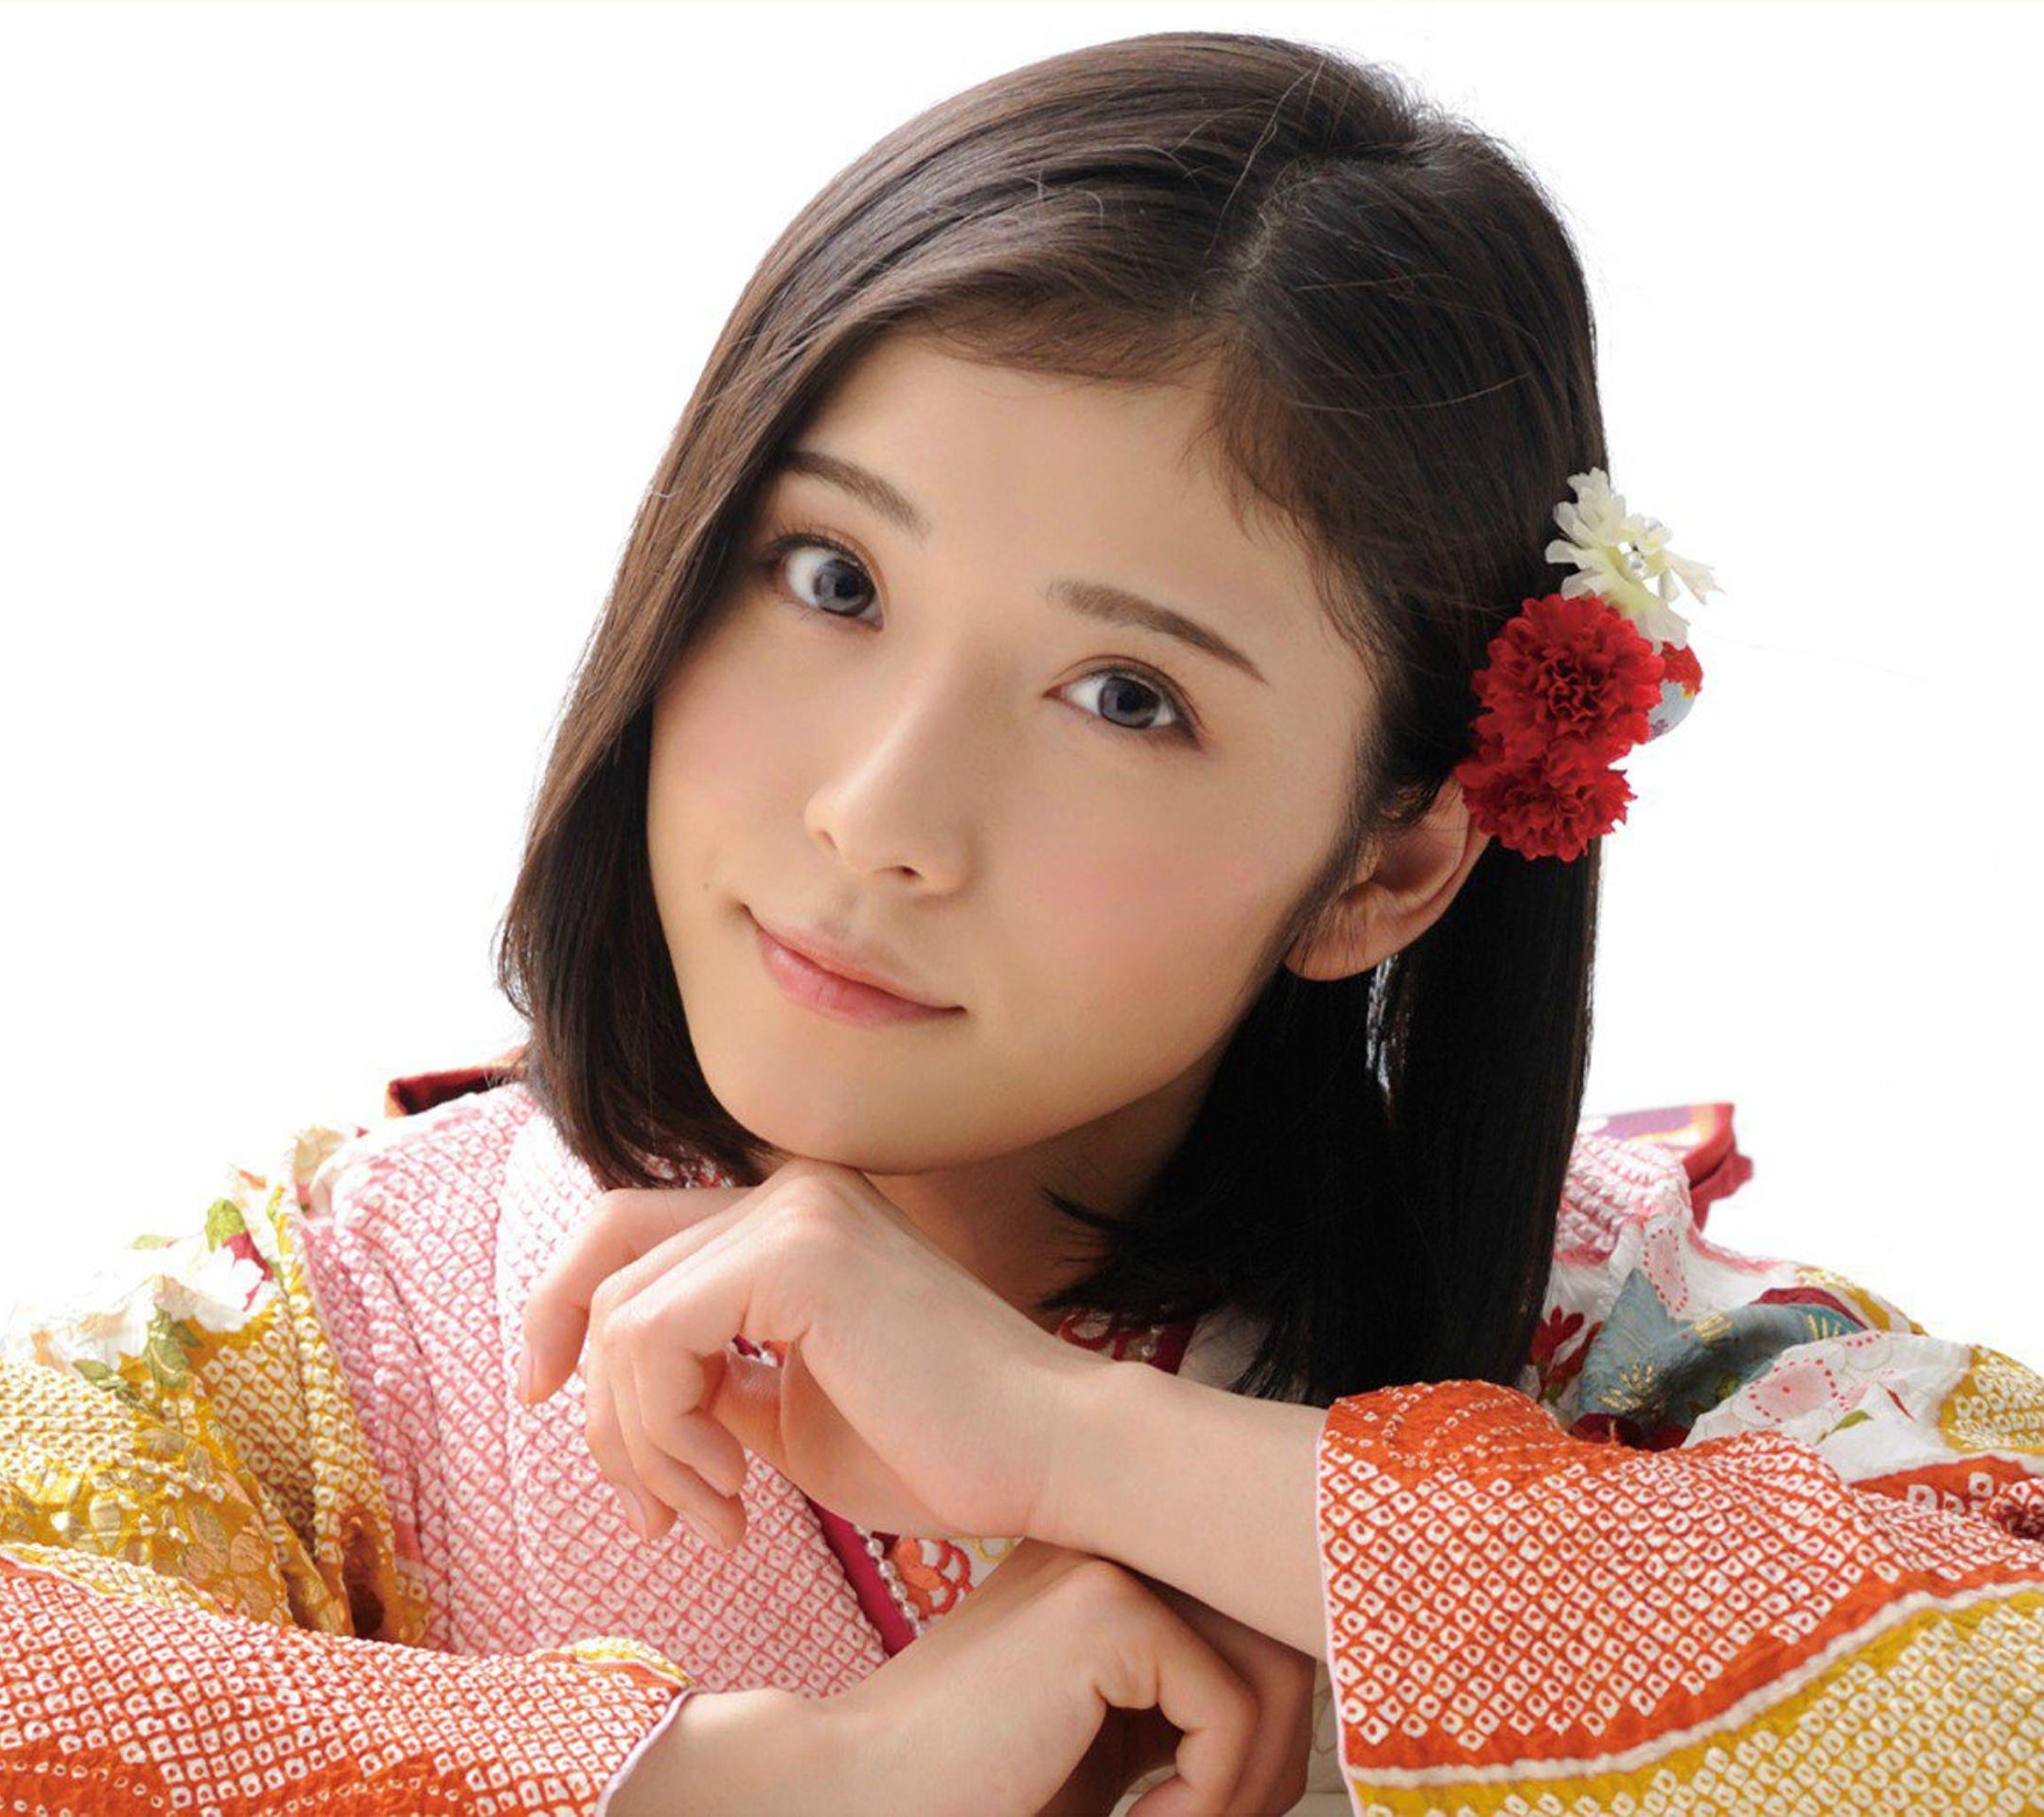 人気女優松岡茉優のスマホ壁紙 茉優 松岡茉優 かわいい 子供 髪型